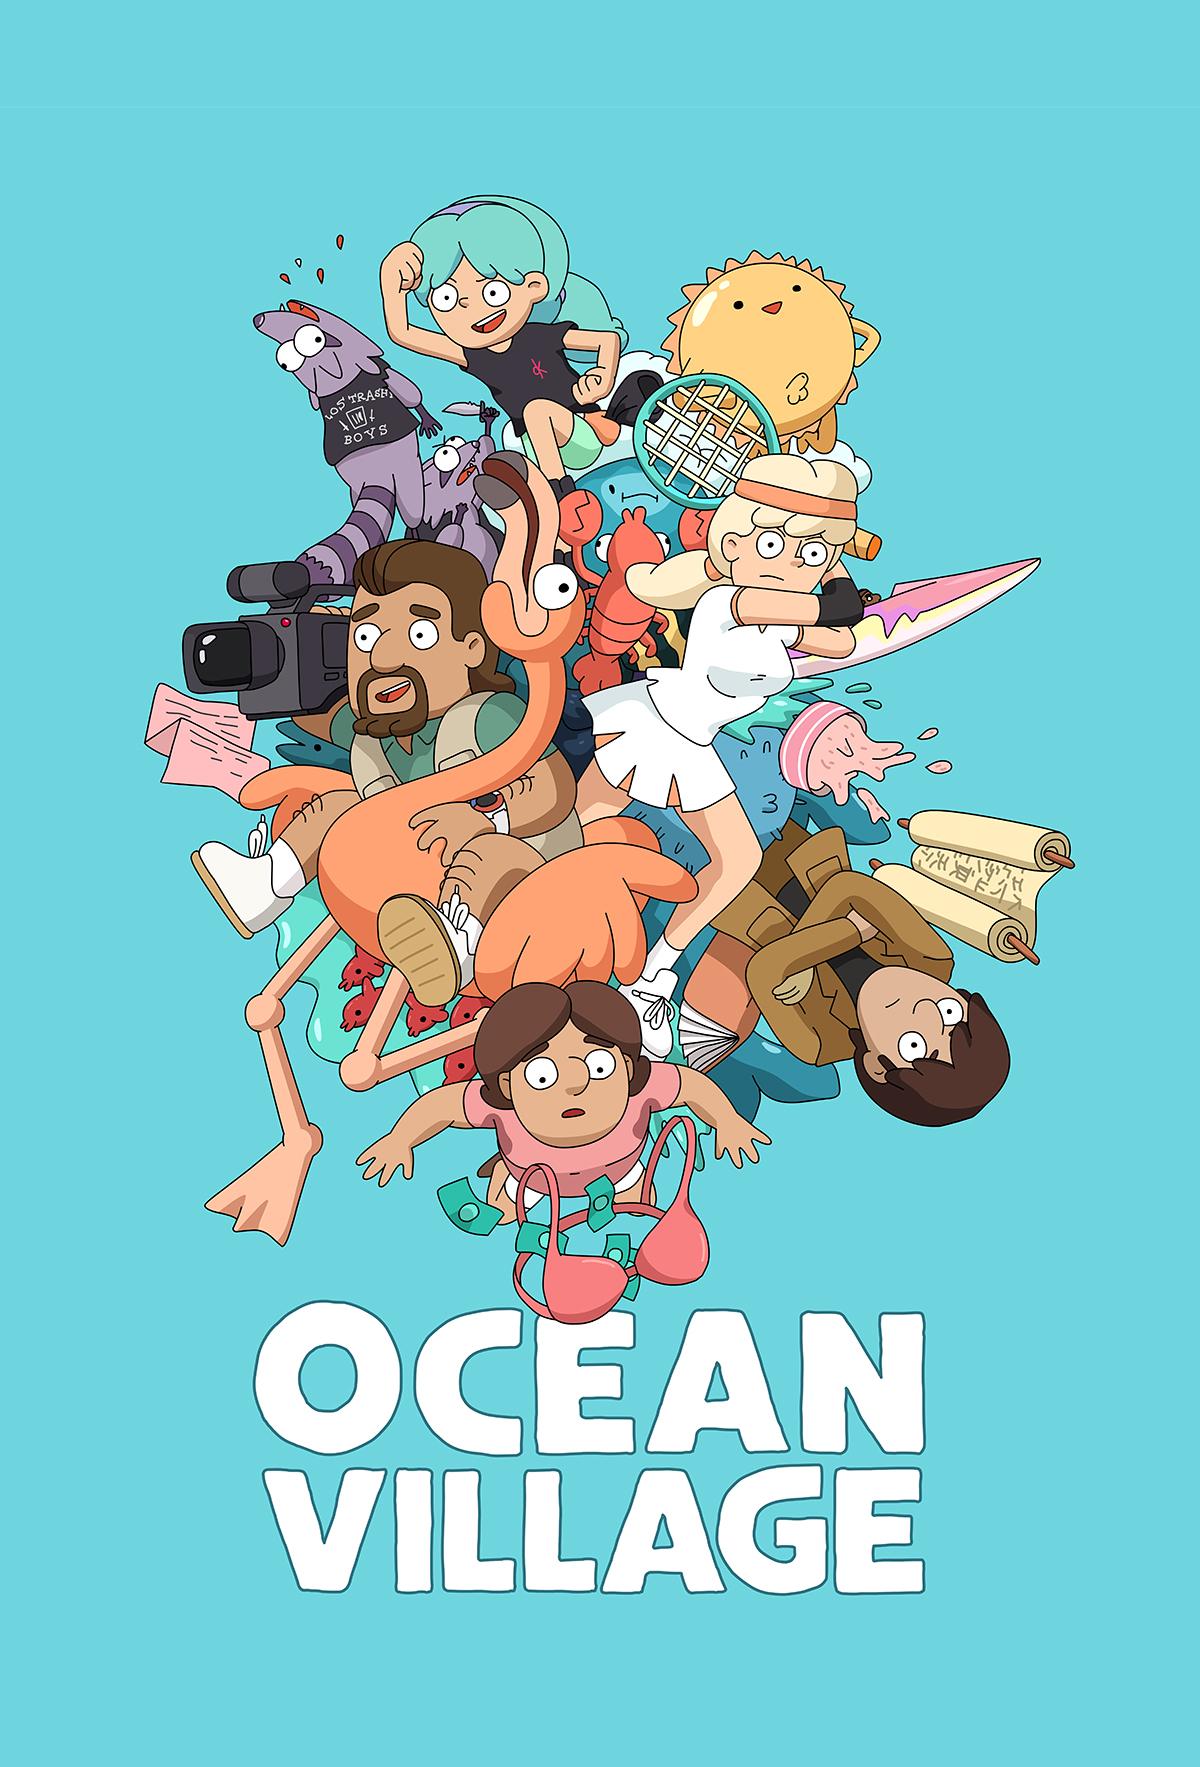 OceanVillage.jpg